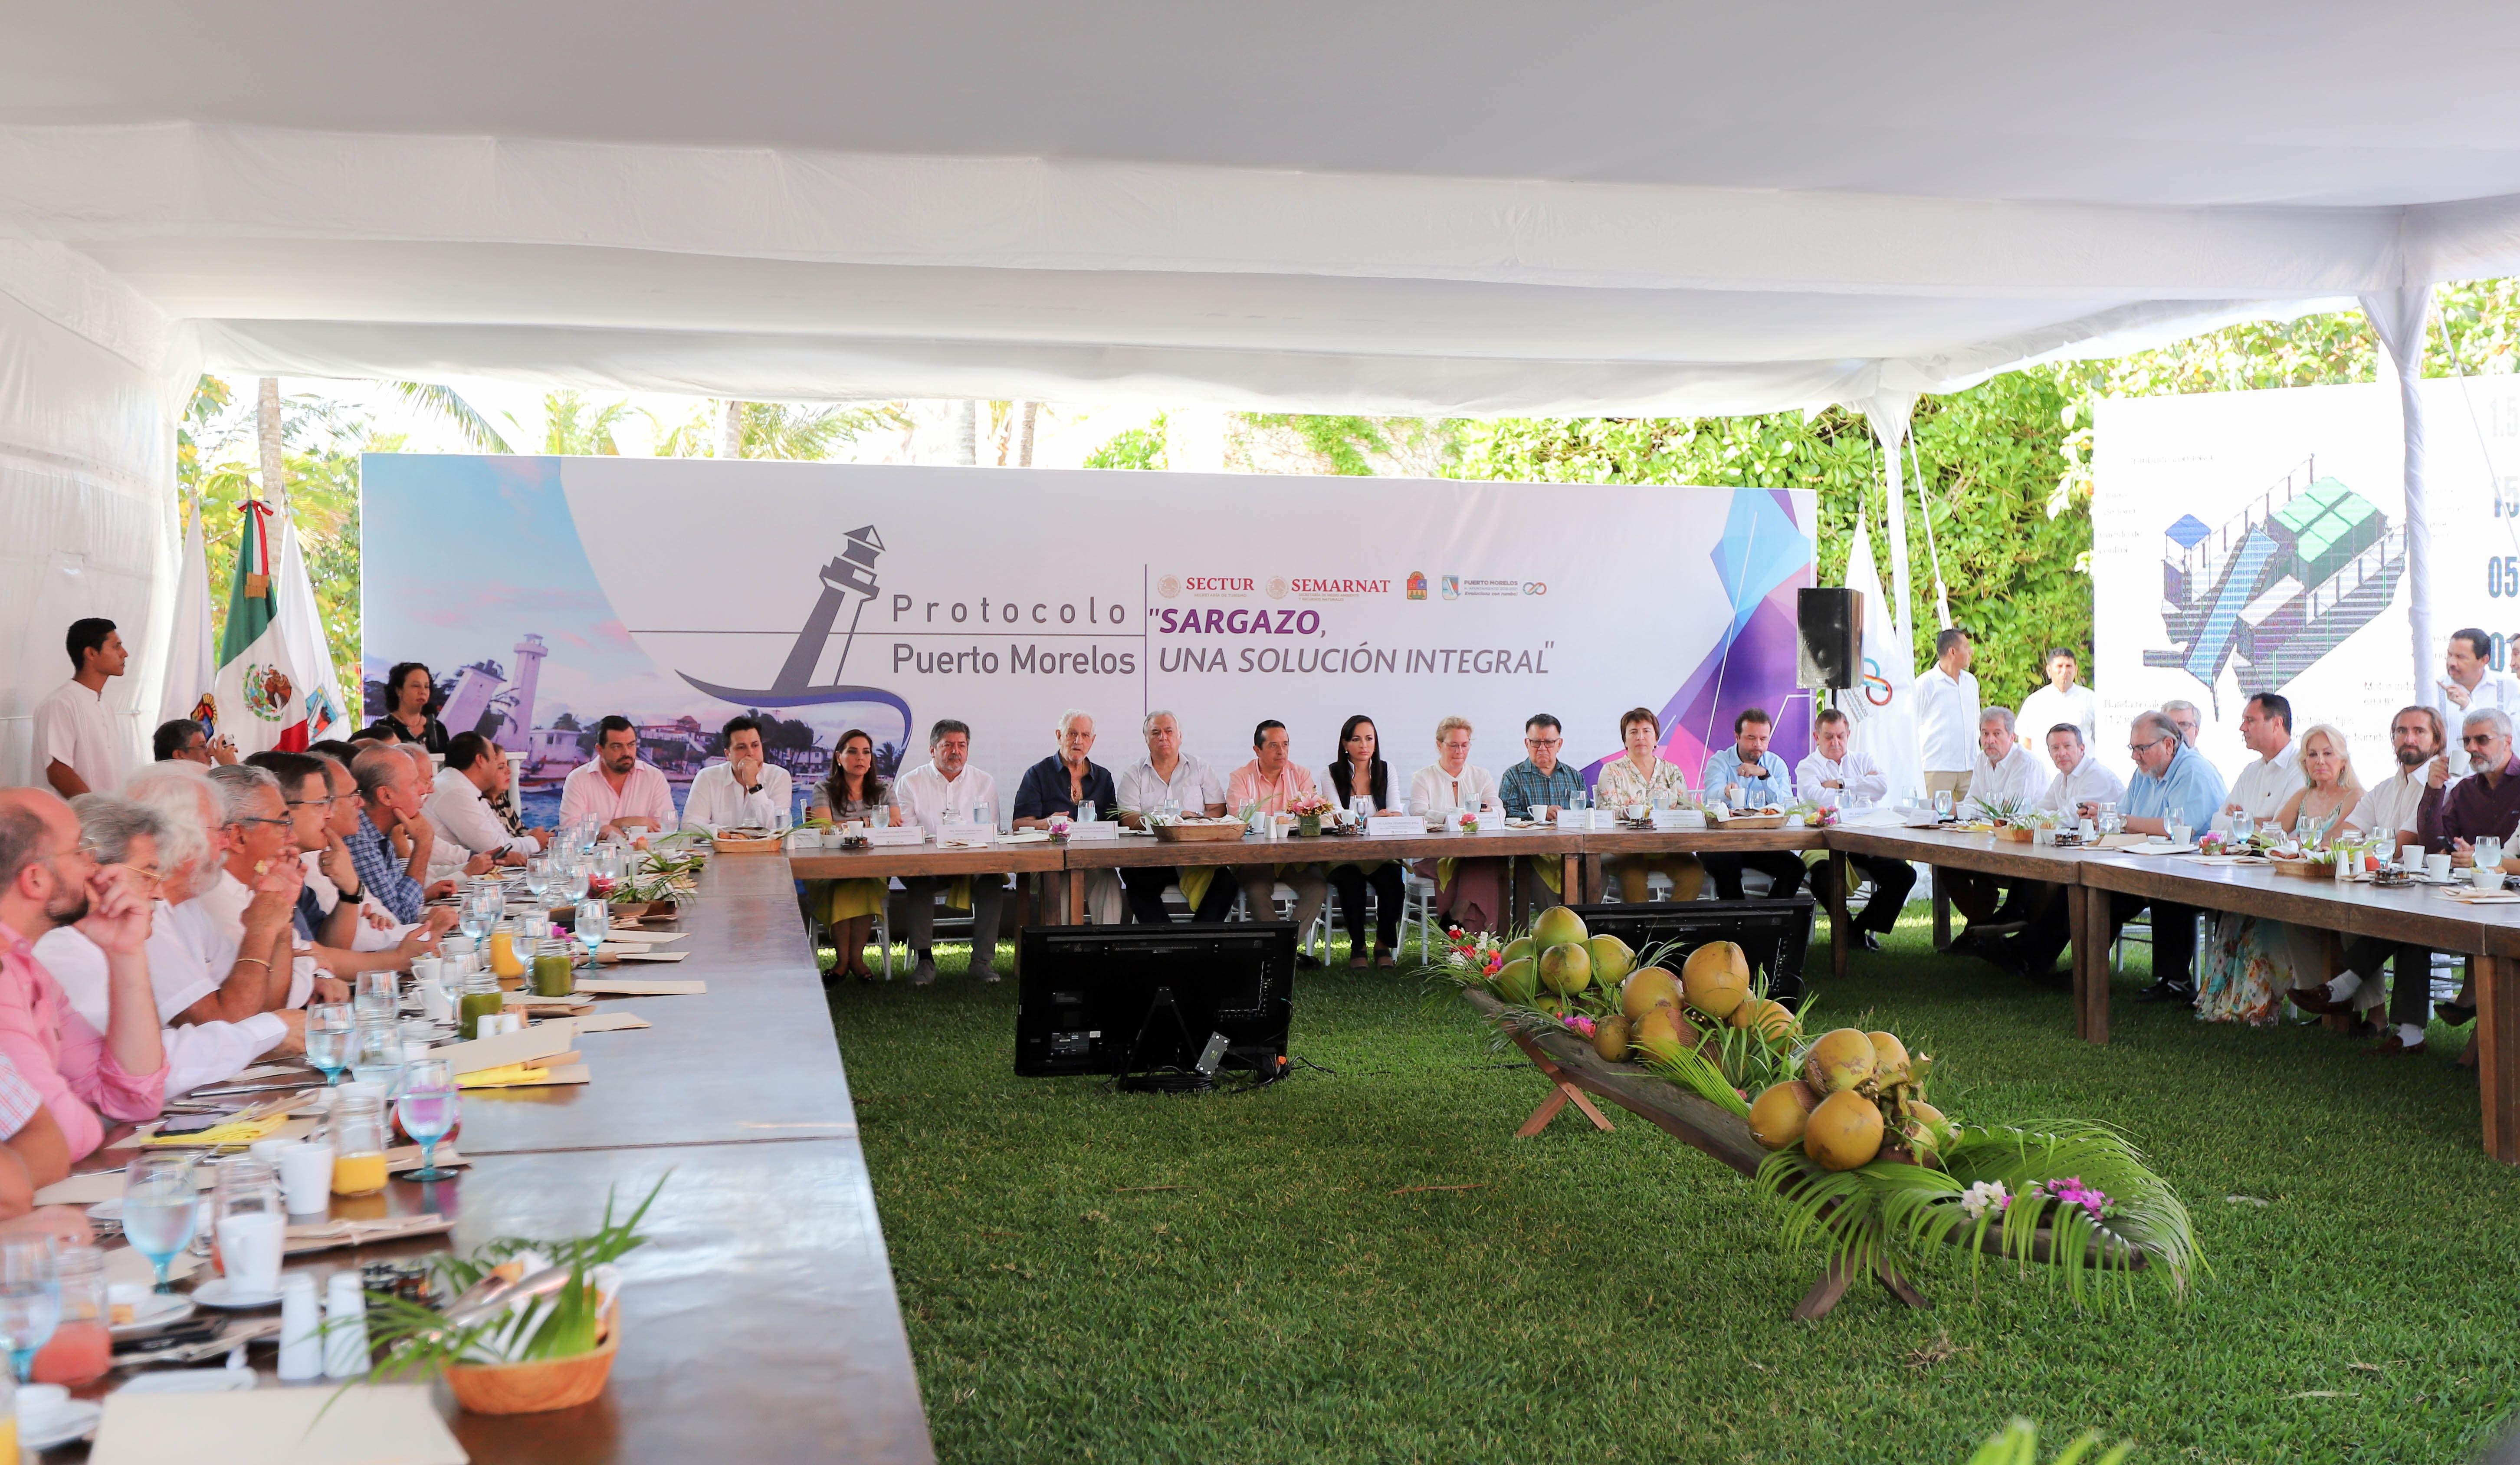 Realizan encuentro en Puerto Morelos para solucionar el fenómeno del sargazo